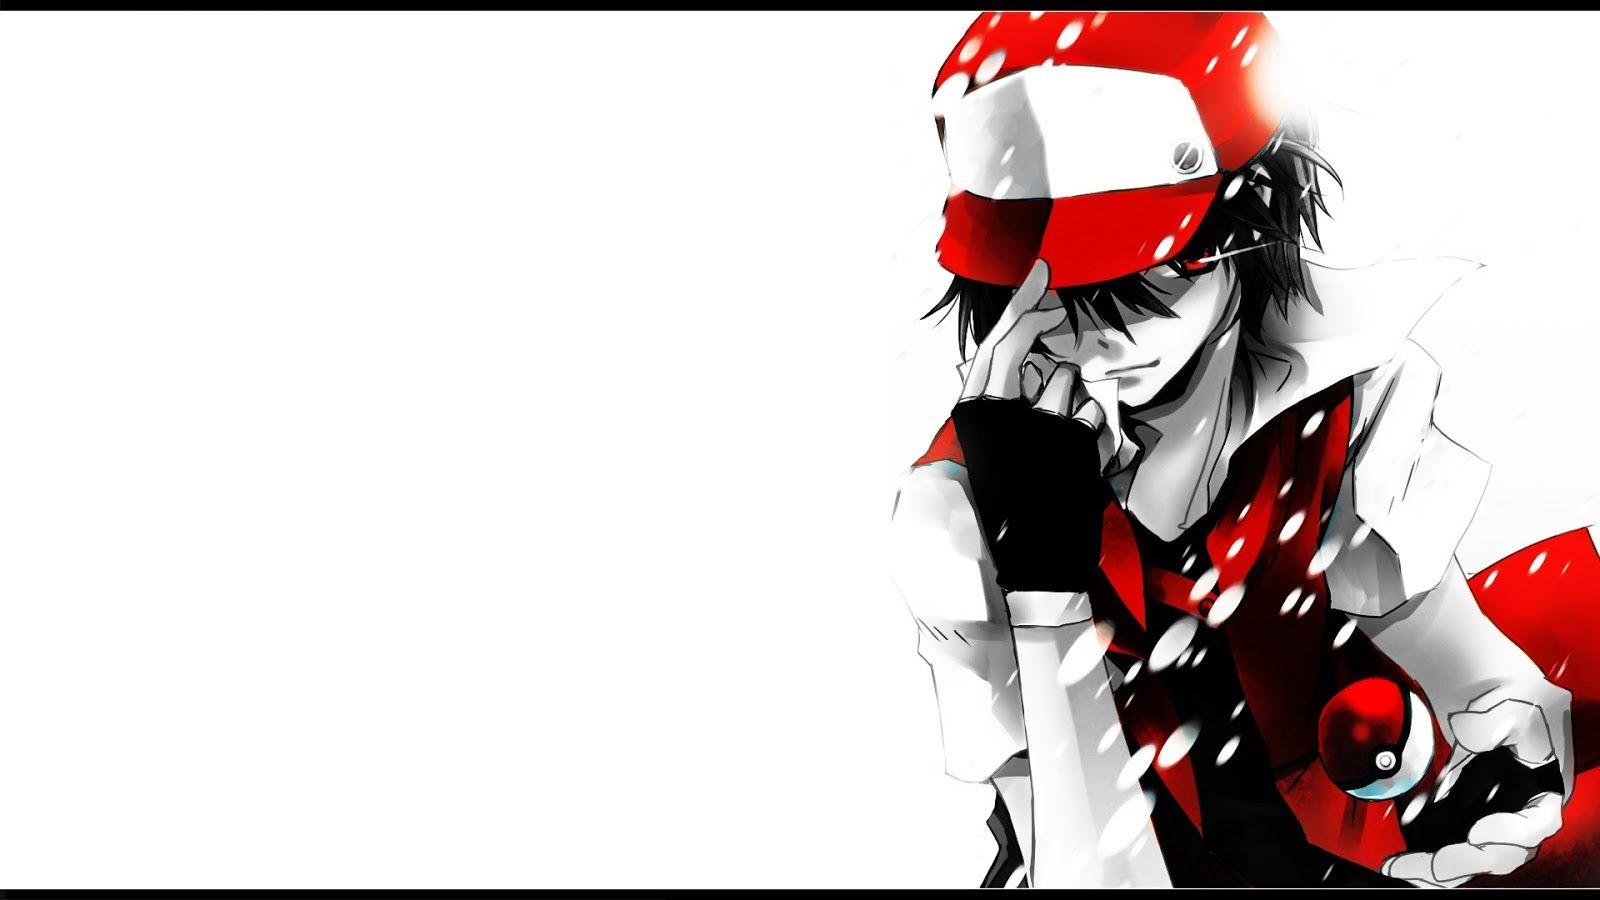 Unduh 800+ Anime Hd Wallpaper In Mobile HD Terbaru